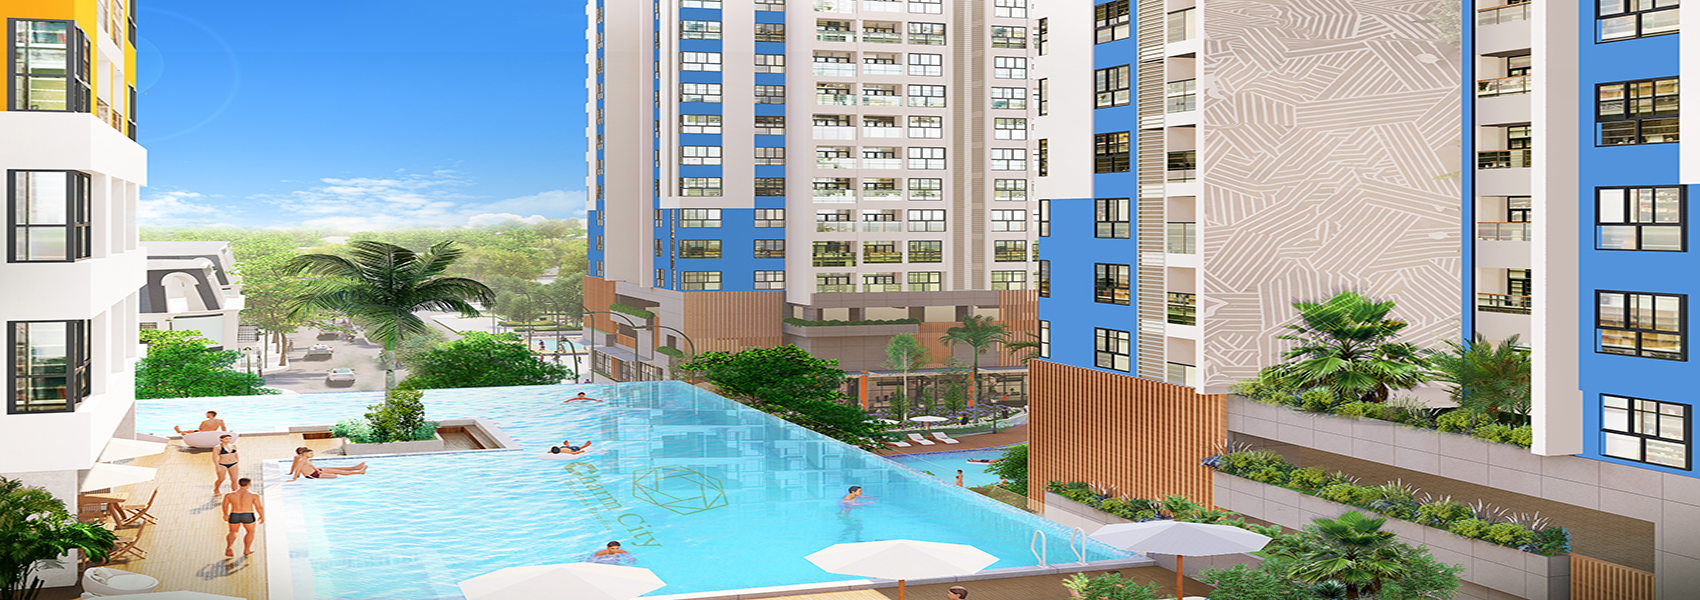 Phối cảnh dự án căn hộ chung cư Charm City Dĩ An Bình Dương chủ đâu tư DCT group